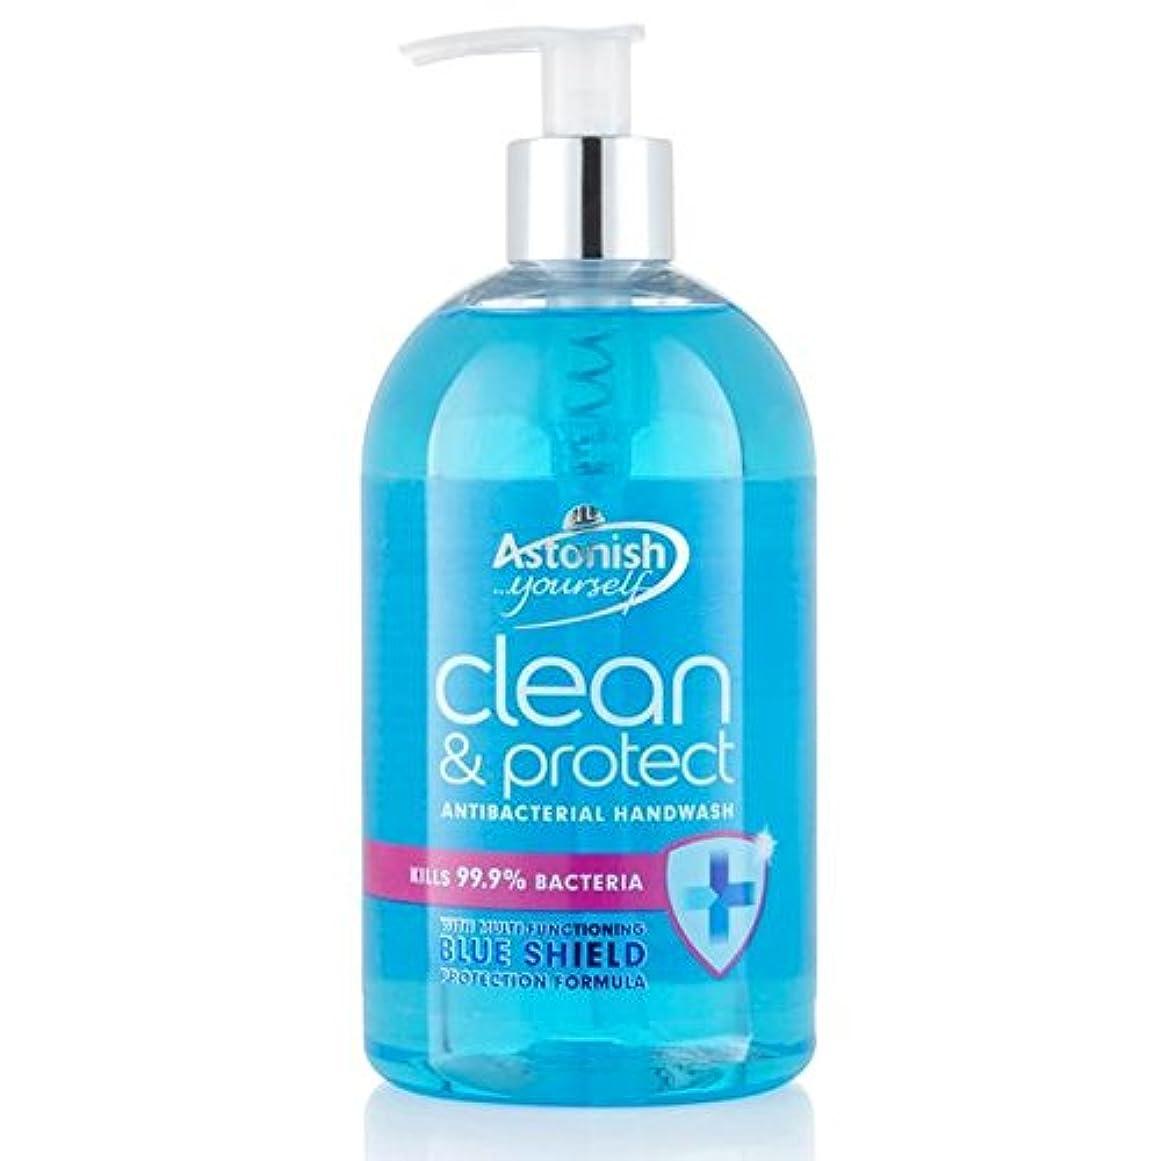 違反バンジョー社説Astonish Clean & Protect Hand Wash 500ml - クリーン驚か&ハンドウォッシュ500ミリリットルを保護 [並行輸入品]